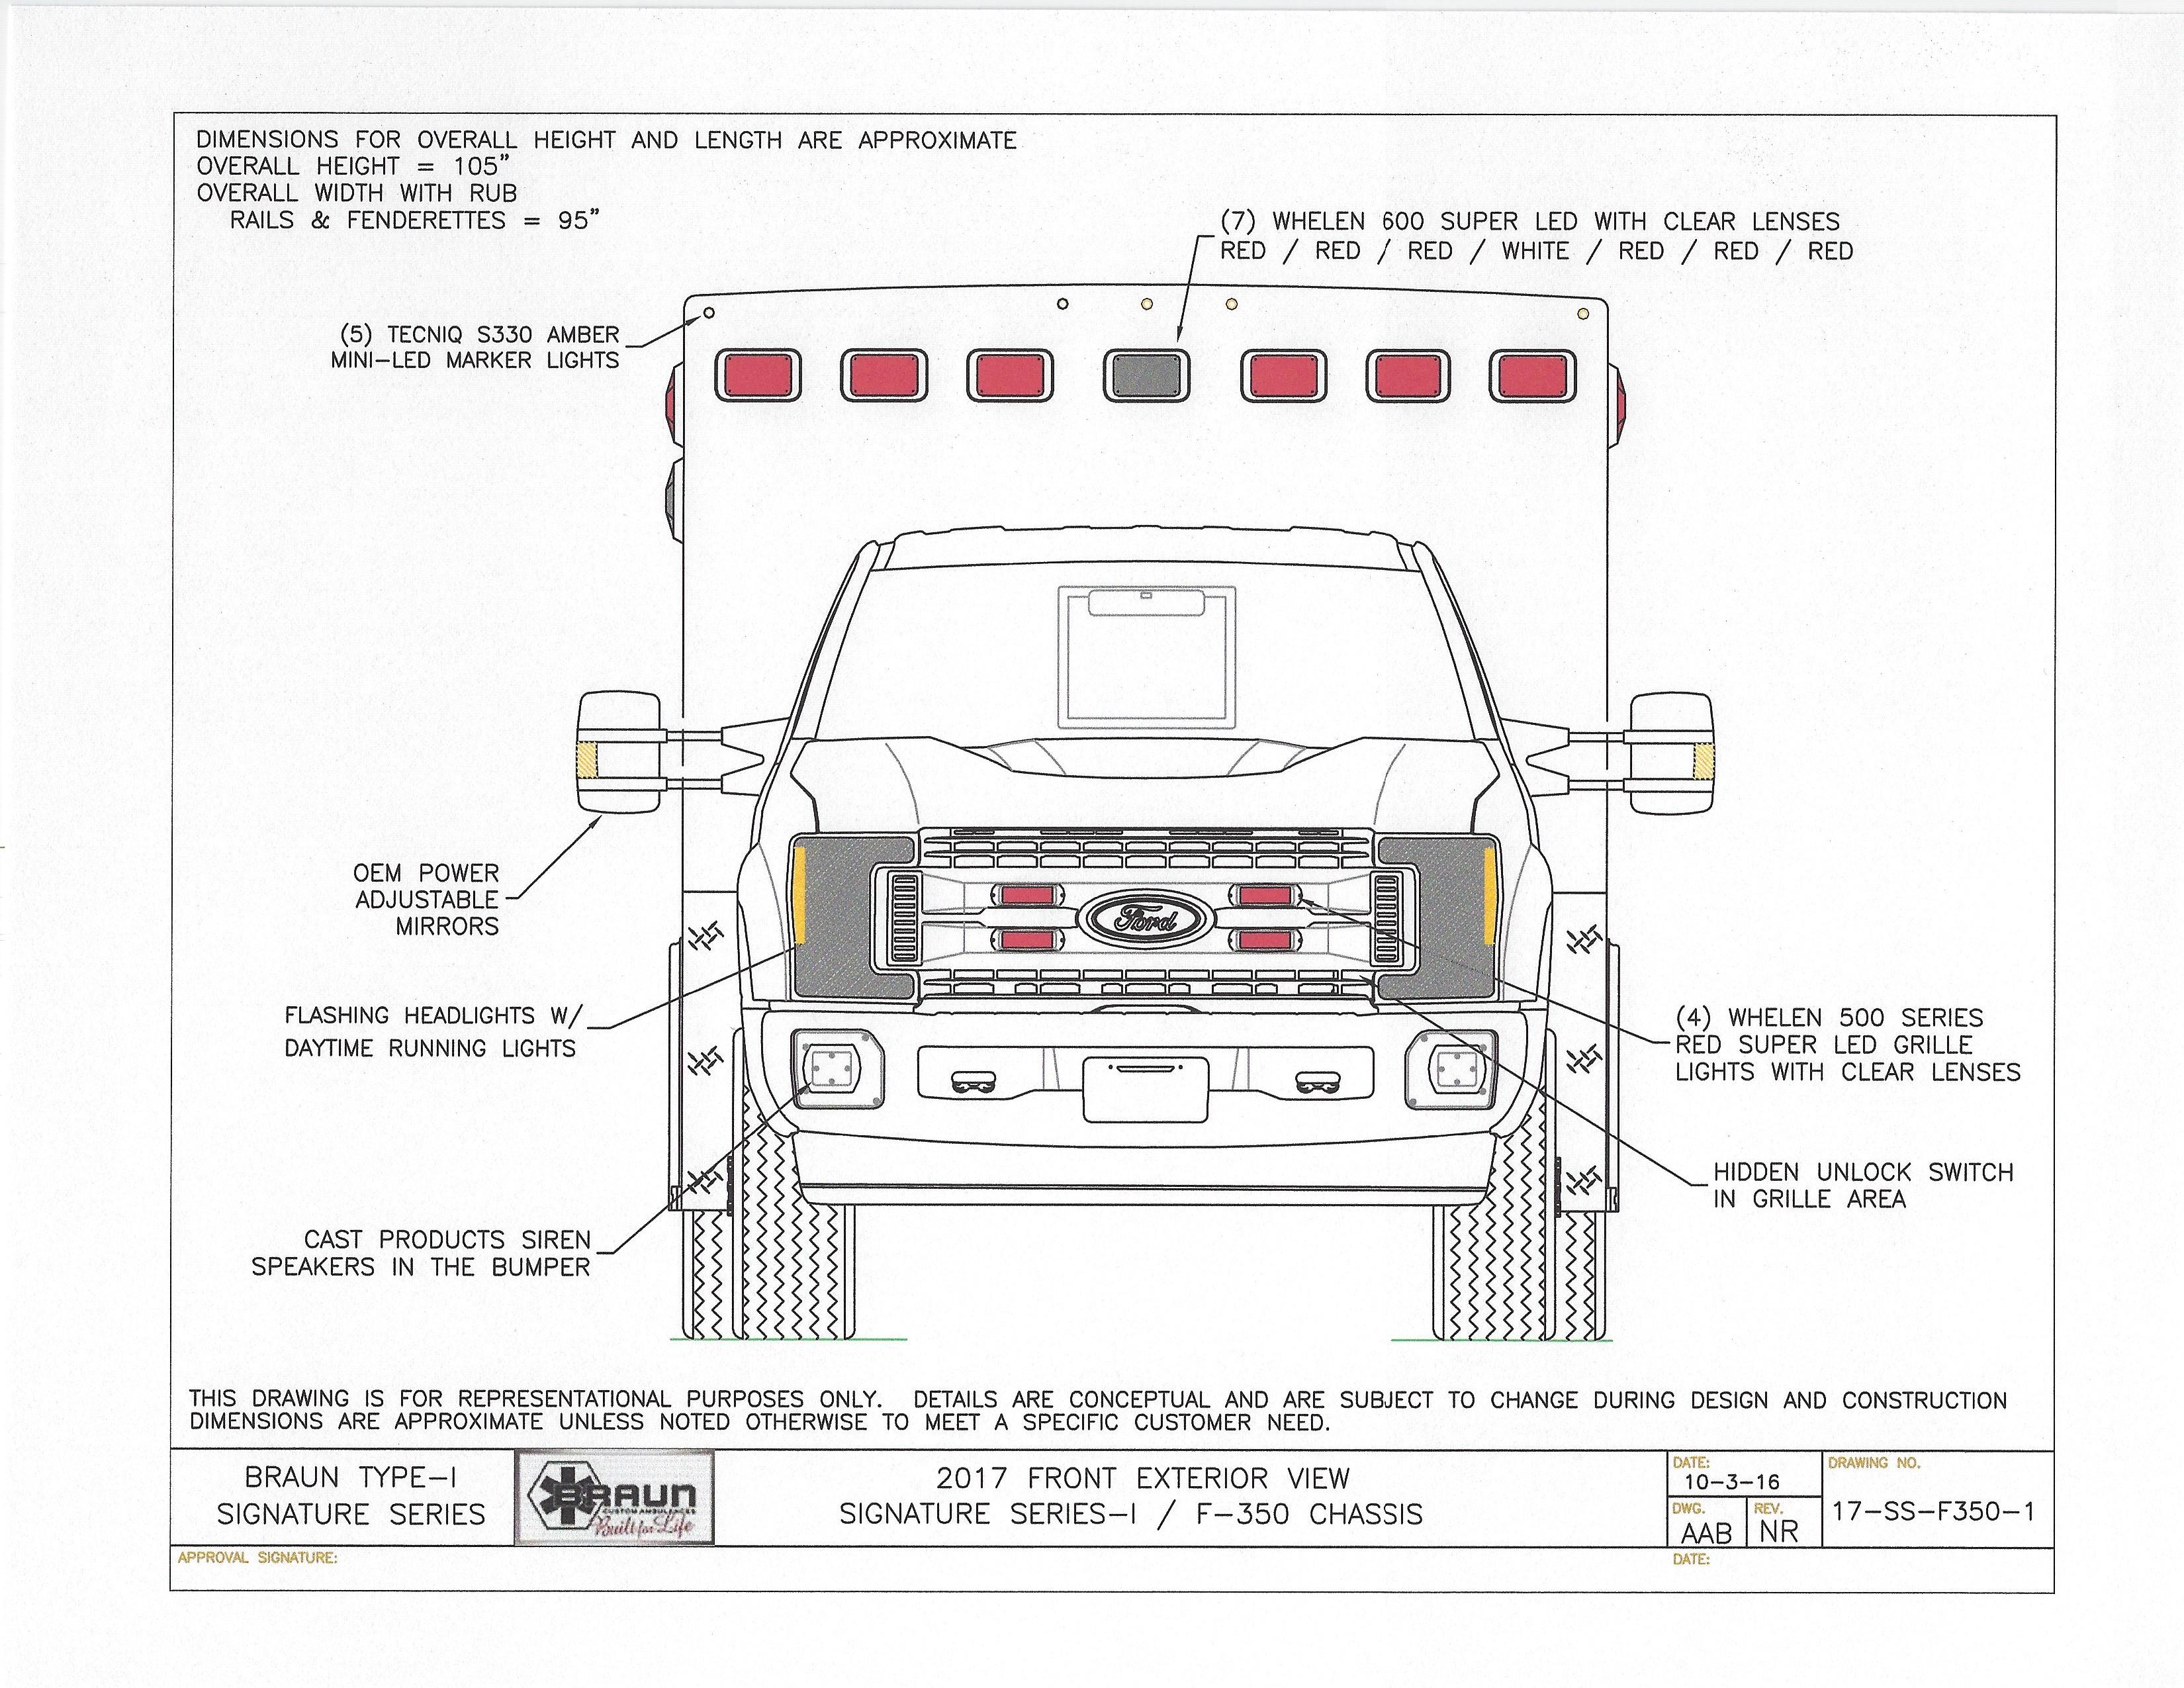 Ziemlich 1995 F350 Schaltplan Zeitgenössisch - Elektrische ...